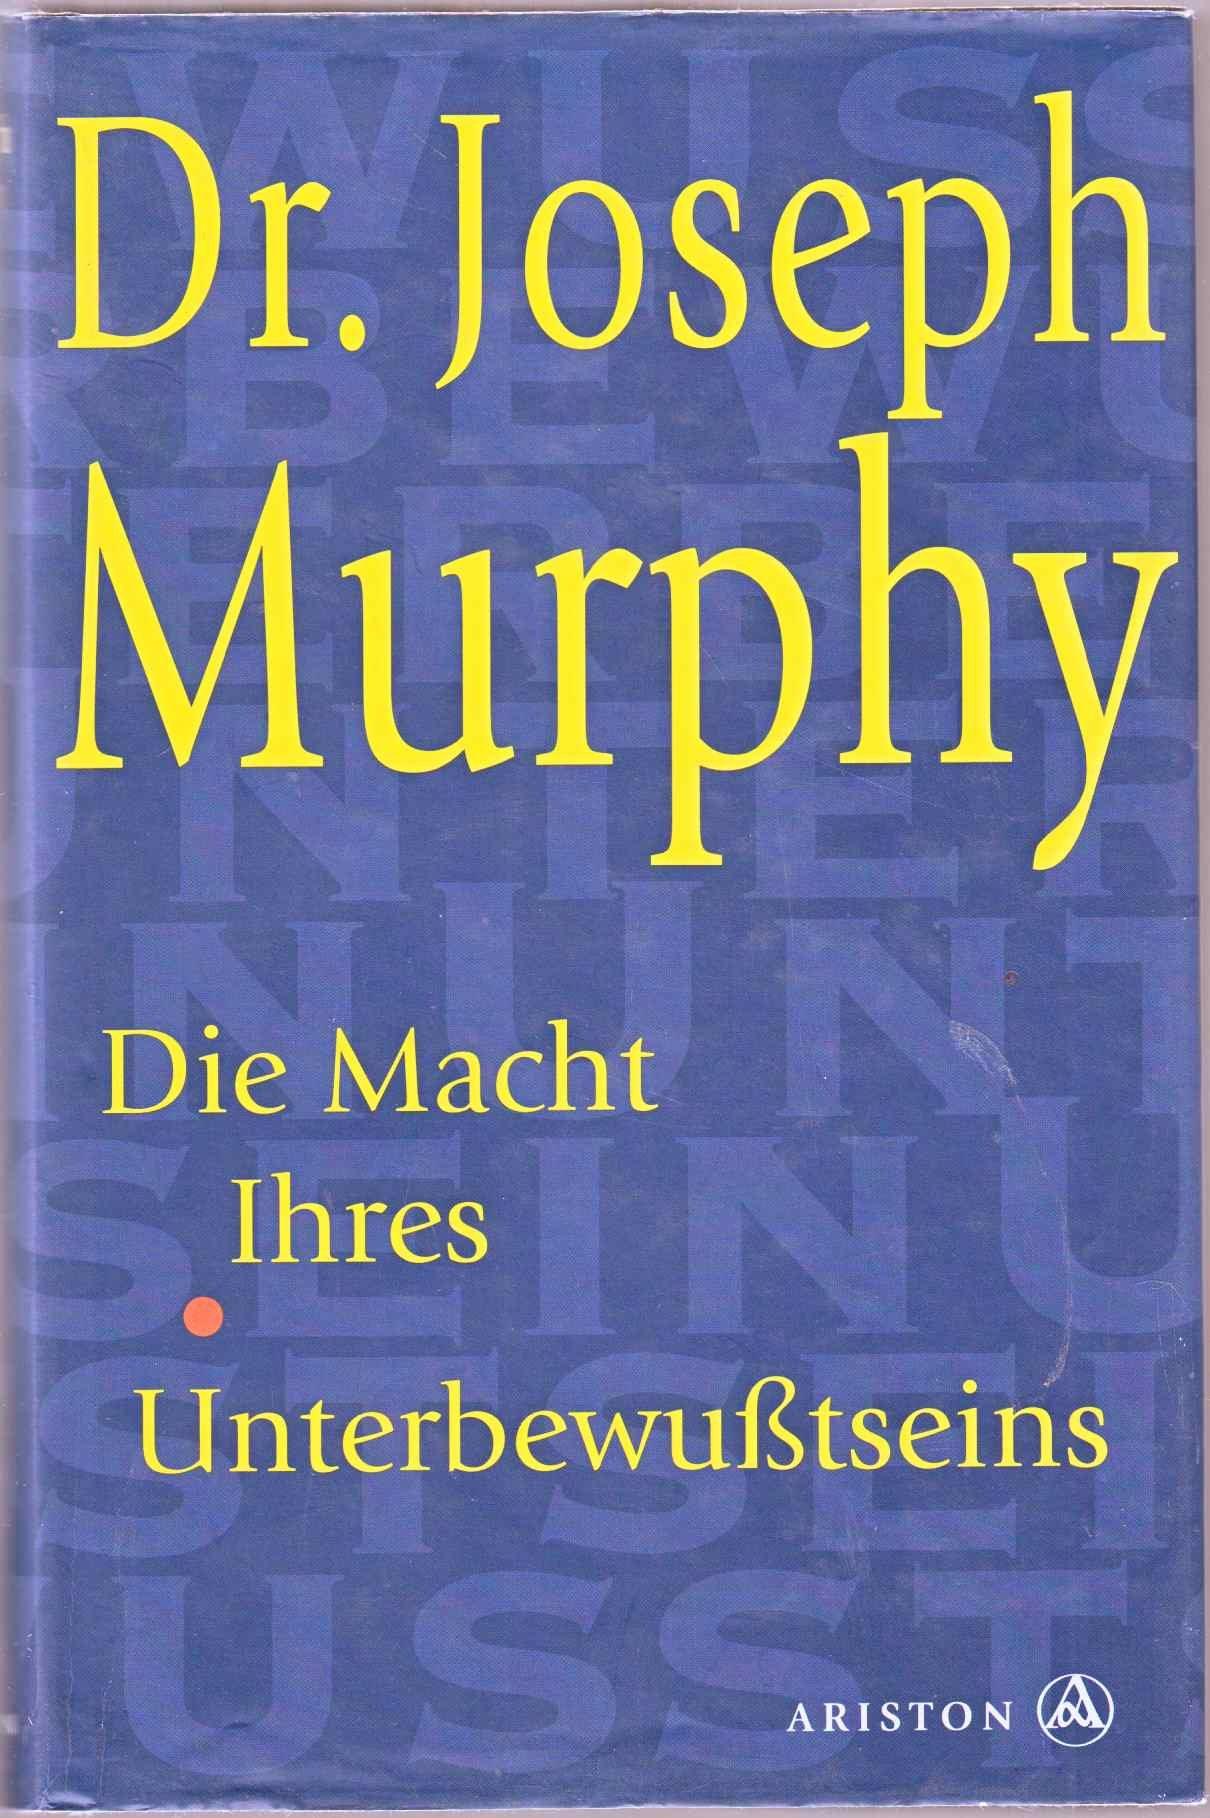 Die Macht Ihres Unterbewußtseins. Gebundenes Buch – 1999 Joseph: Murphy Ariston Genf B0039OSCV8